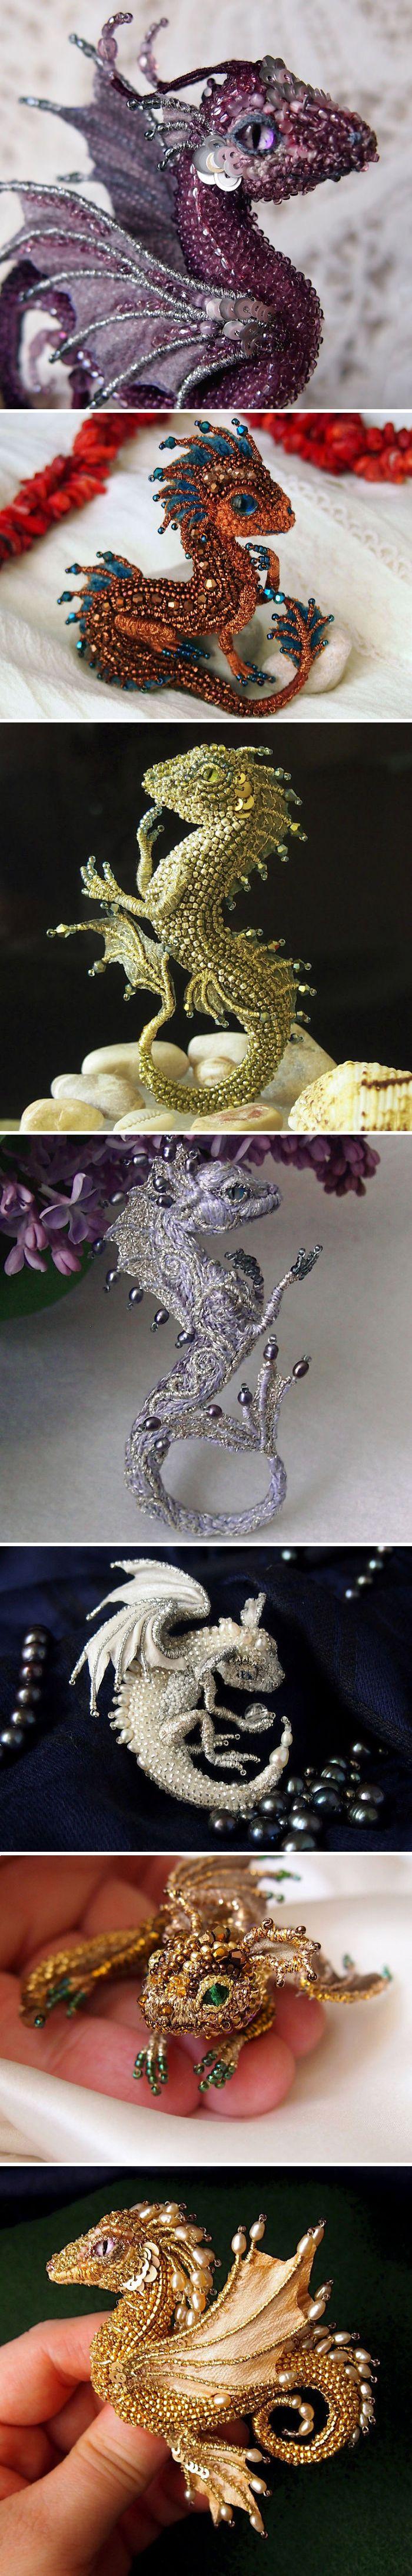 Amazing dragon brooches by master of beadweaving Alyona Litvin | Потрясающие броши в виде драконов от мастера бисероплетения Алены Литвин